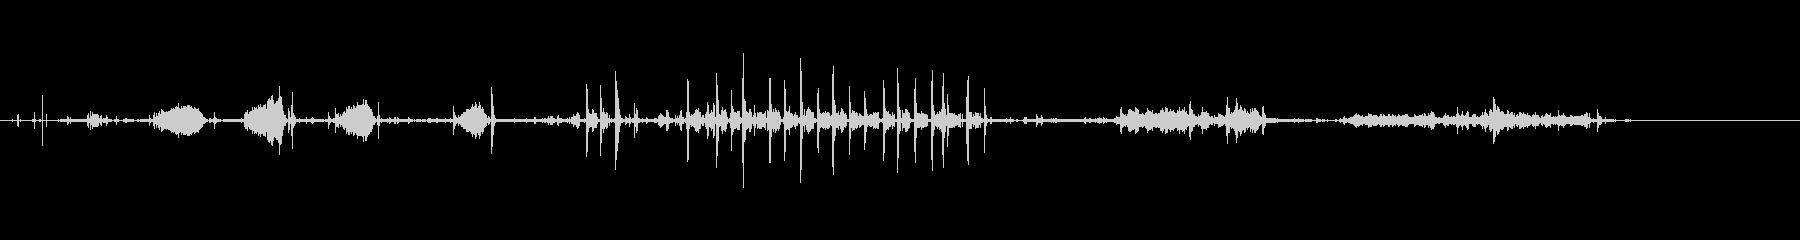 モーターボートレース-フォーミュラ...の未再生の波形